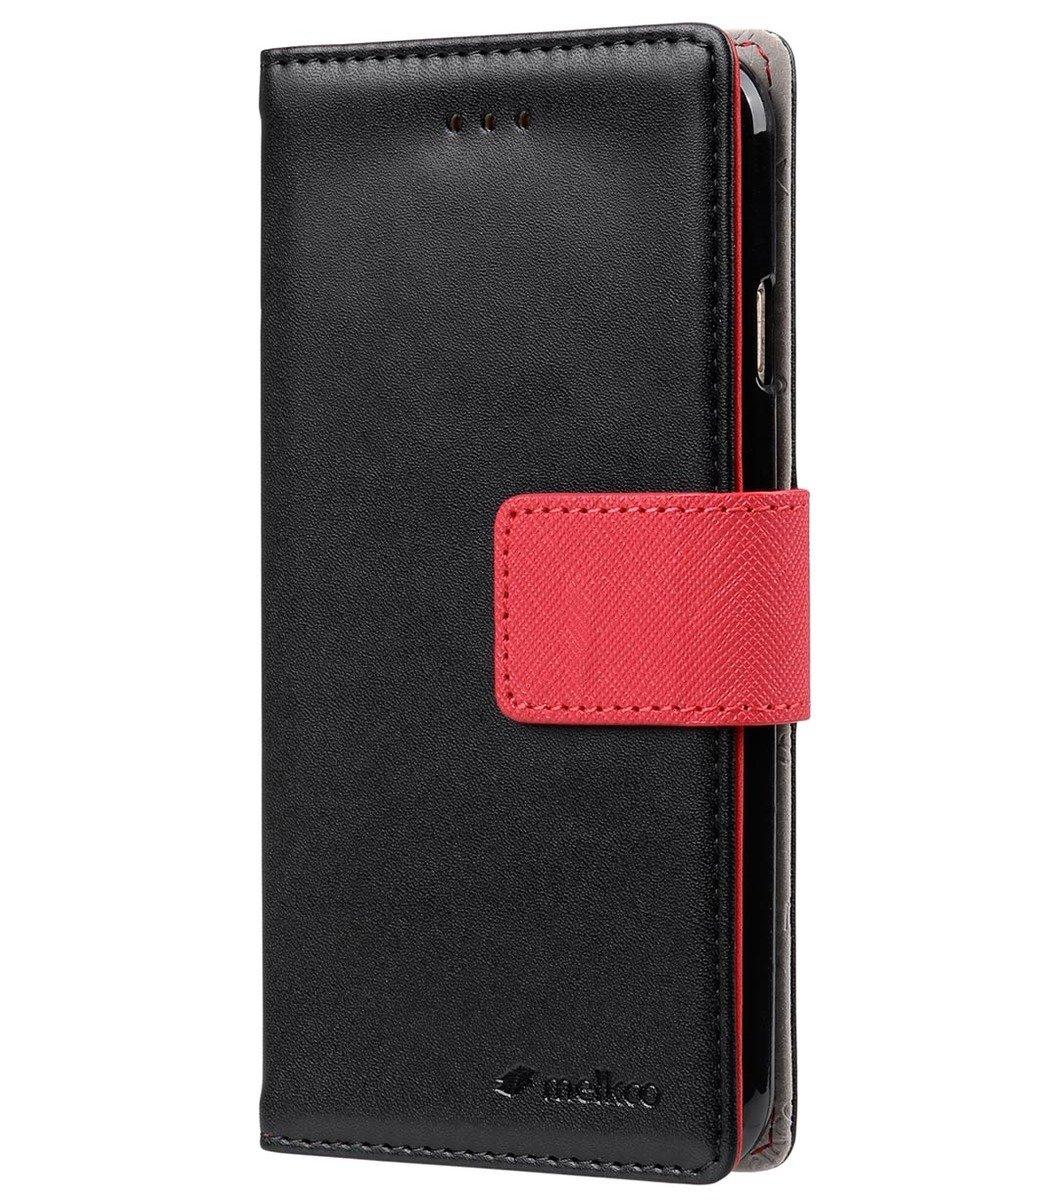 Apple iPhone 6s Plus / 6 Plus Pure系列高級仿皮手機套 - 黑色/紅色